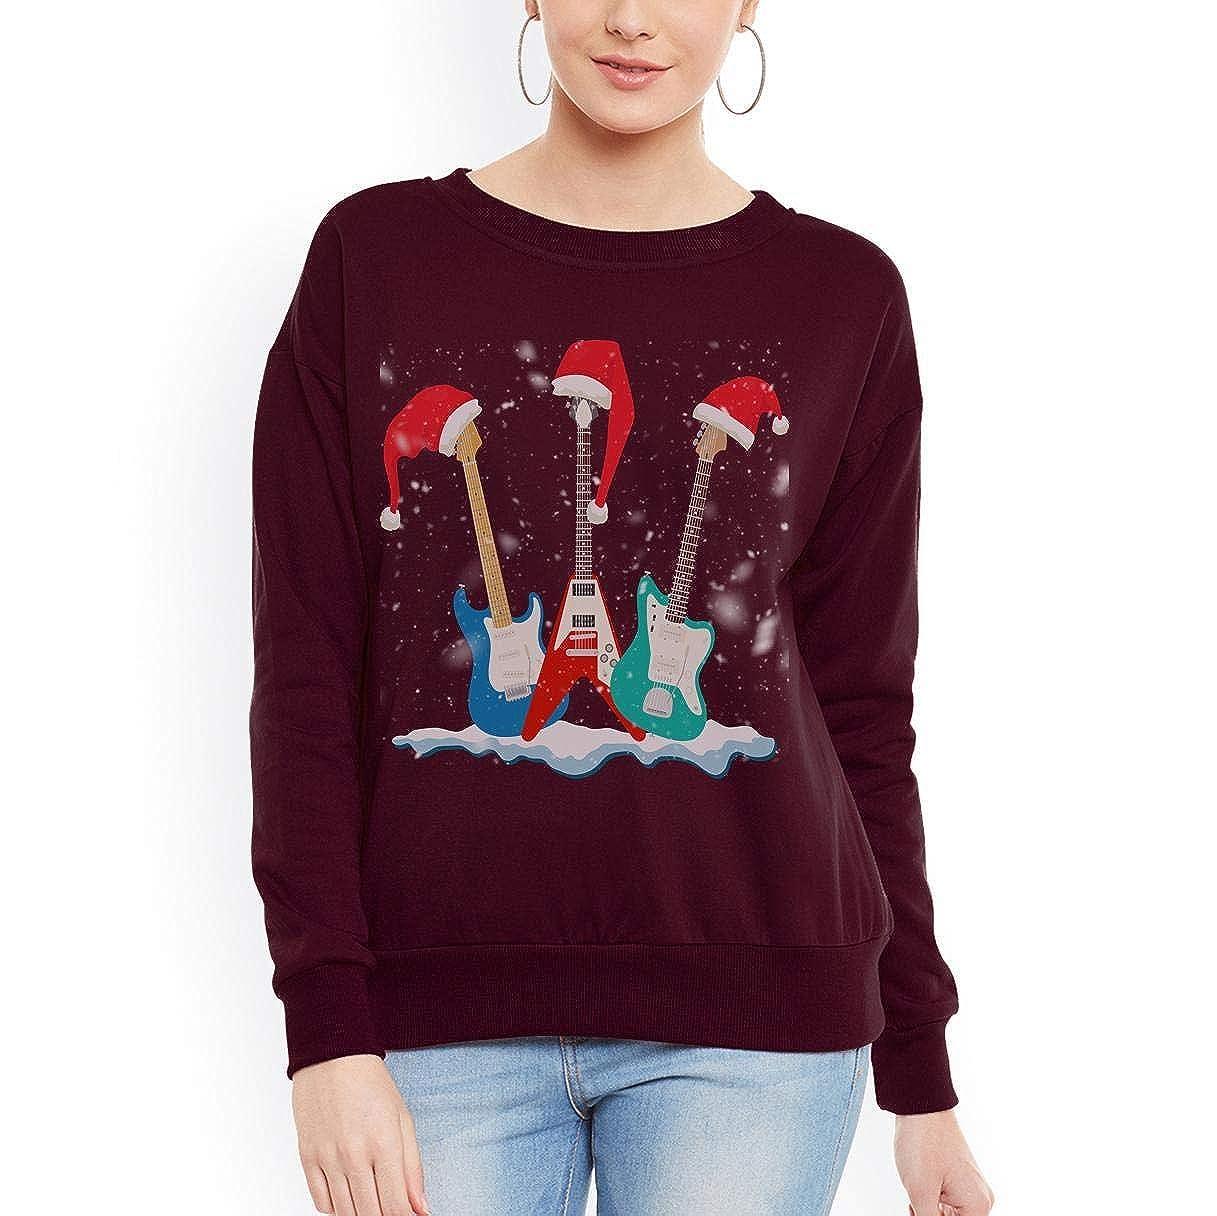 tee Doryti Santa Hat Electric Guitar Classical Guitar Christmas Women Sweatshirt